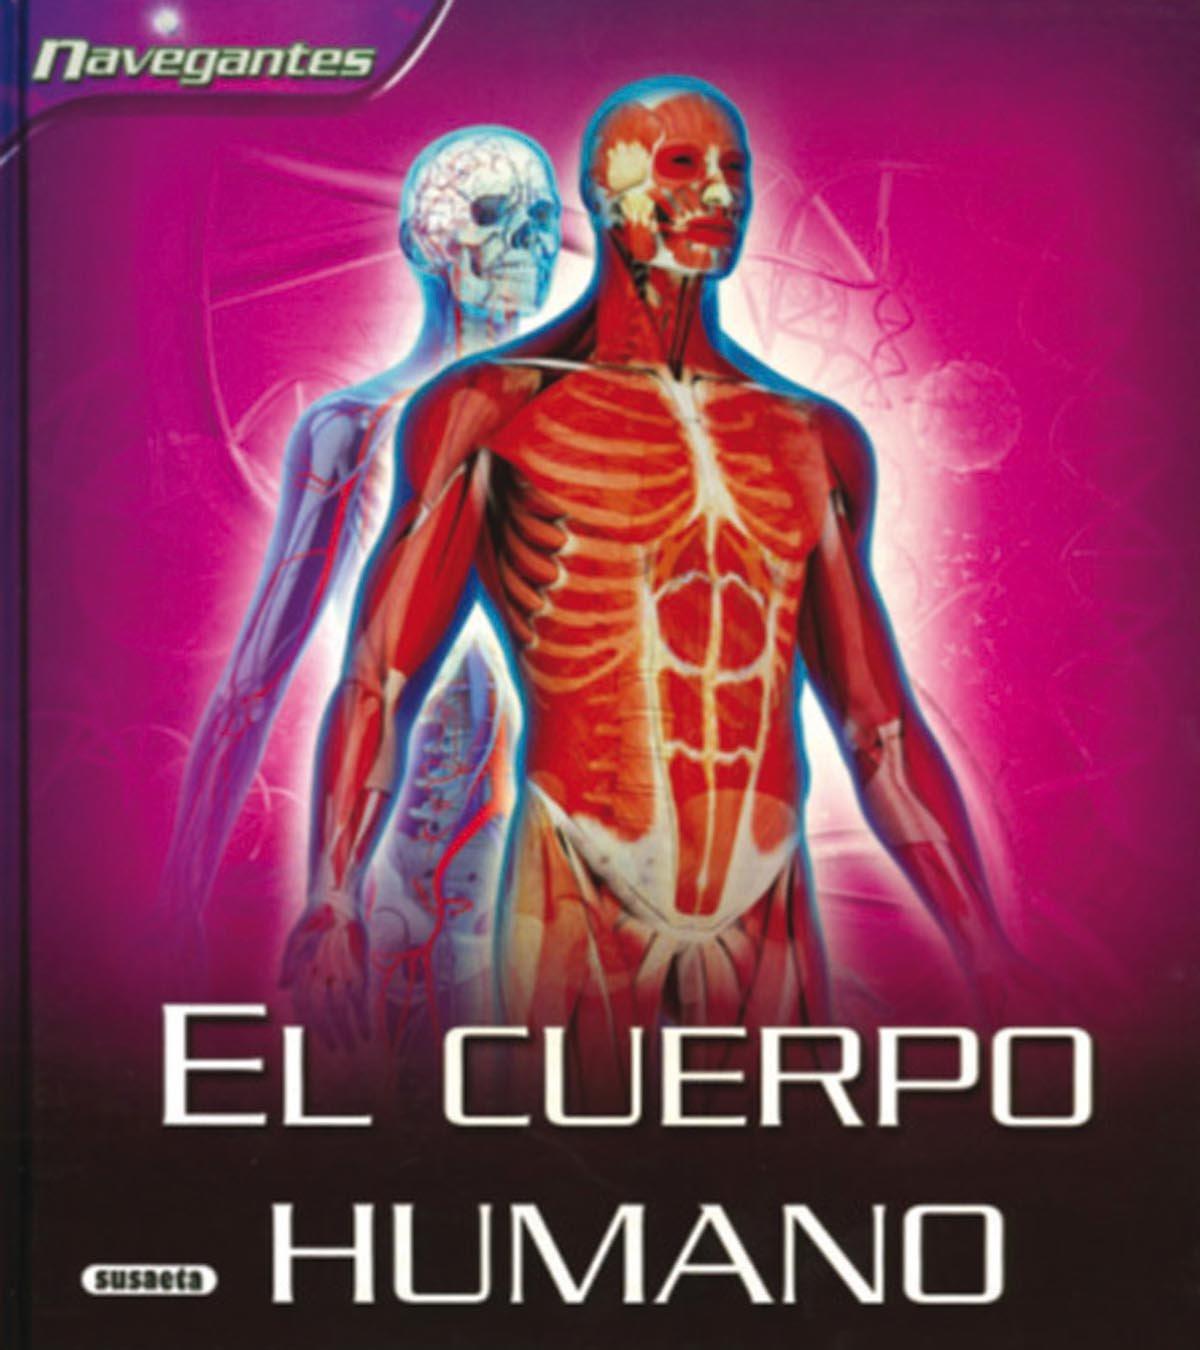 El cuerpo Humano/ Human Body (Navegantes/ Navigators) (Spanish Edition) ebook